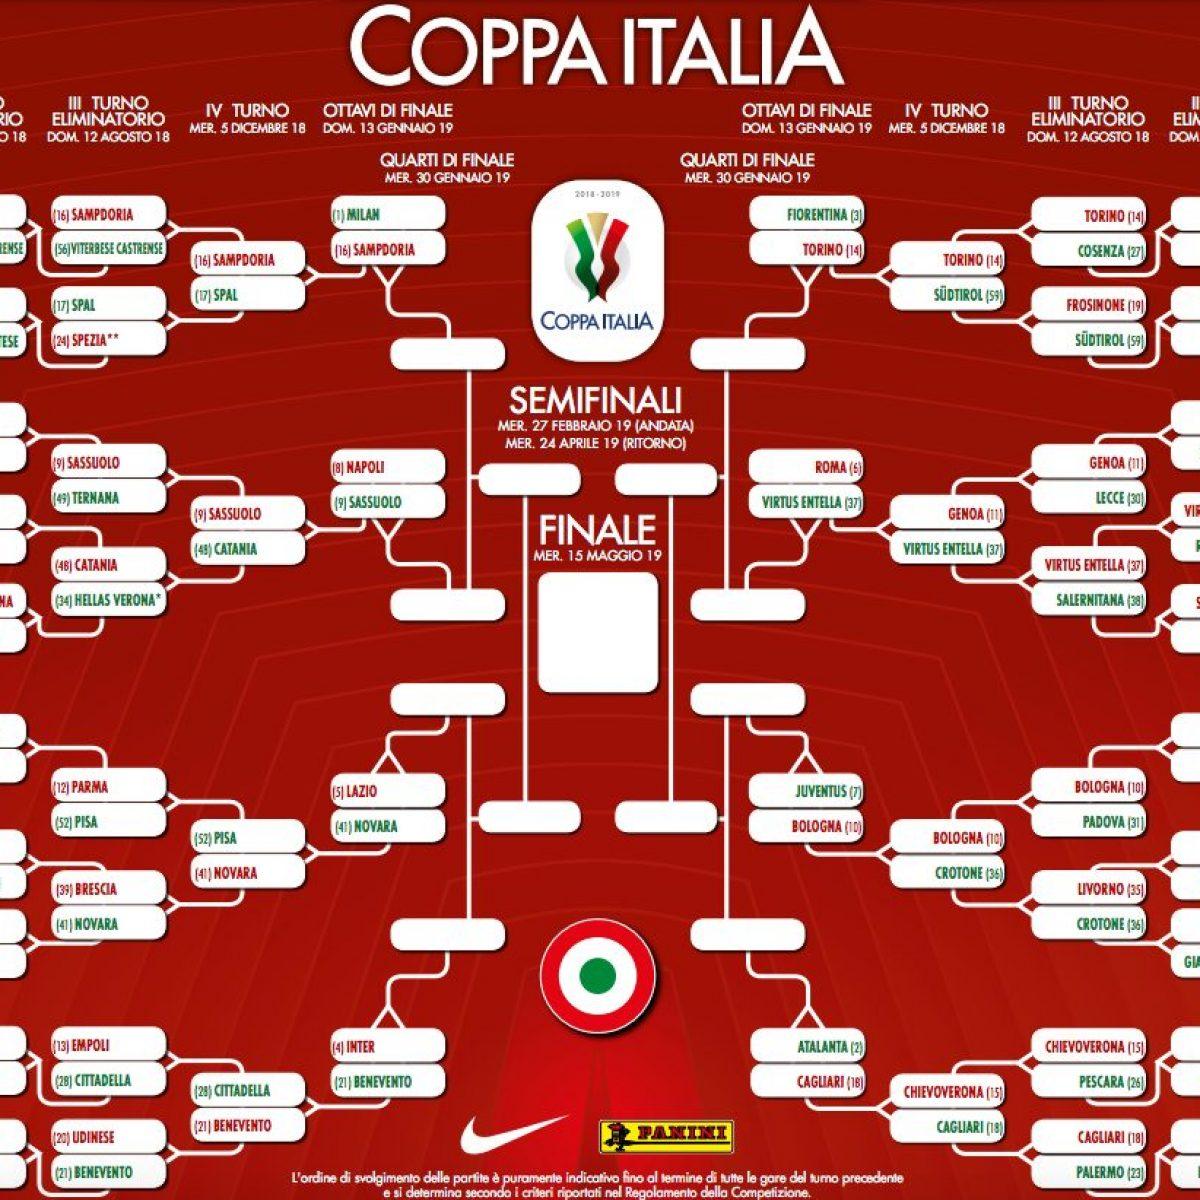 Calendario Coppa America.Coppa Italia 2018 2019 Ottavi Dove Vedere In Chiaro Le